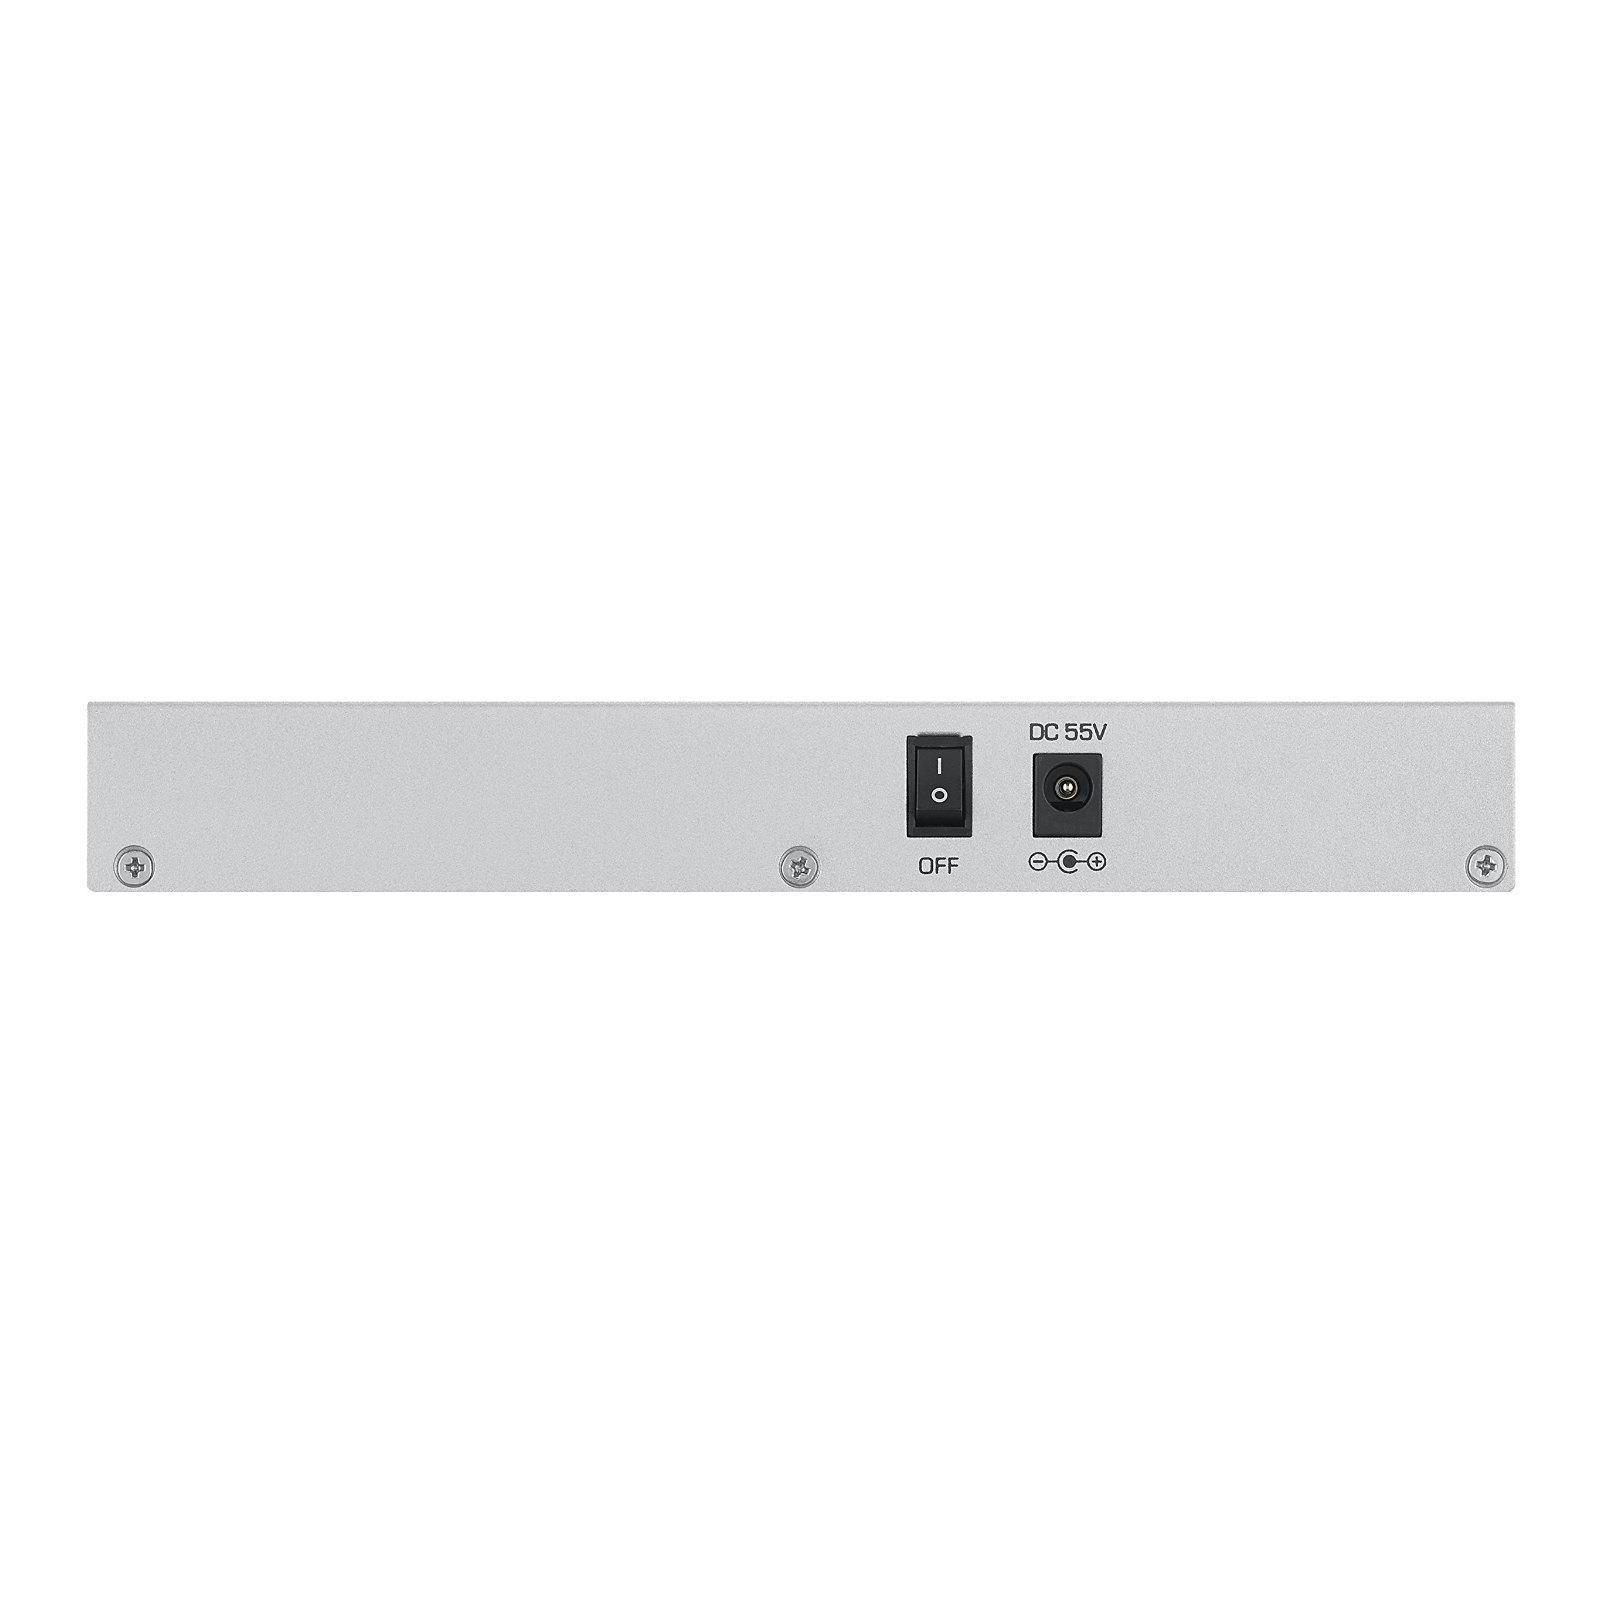 Коммутатор сетевой ZyXel GS1200-5HP (GS1200-5HP-EU0101F) изображение 4